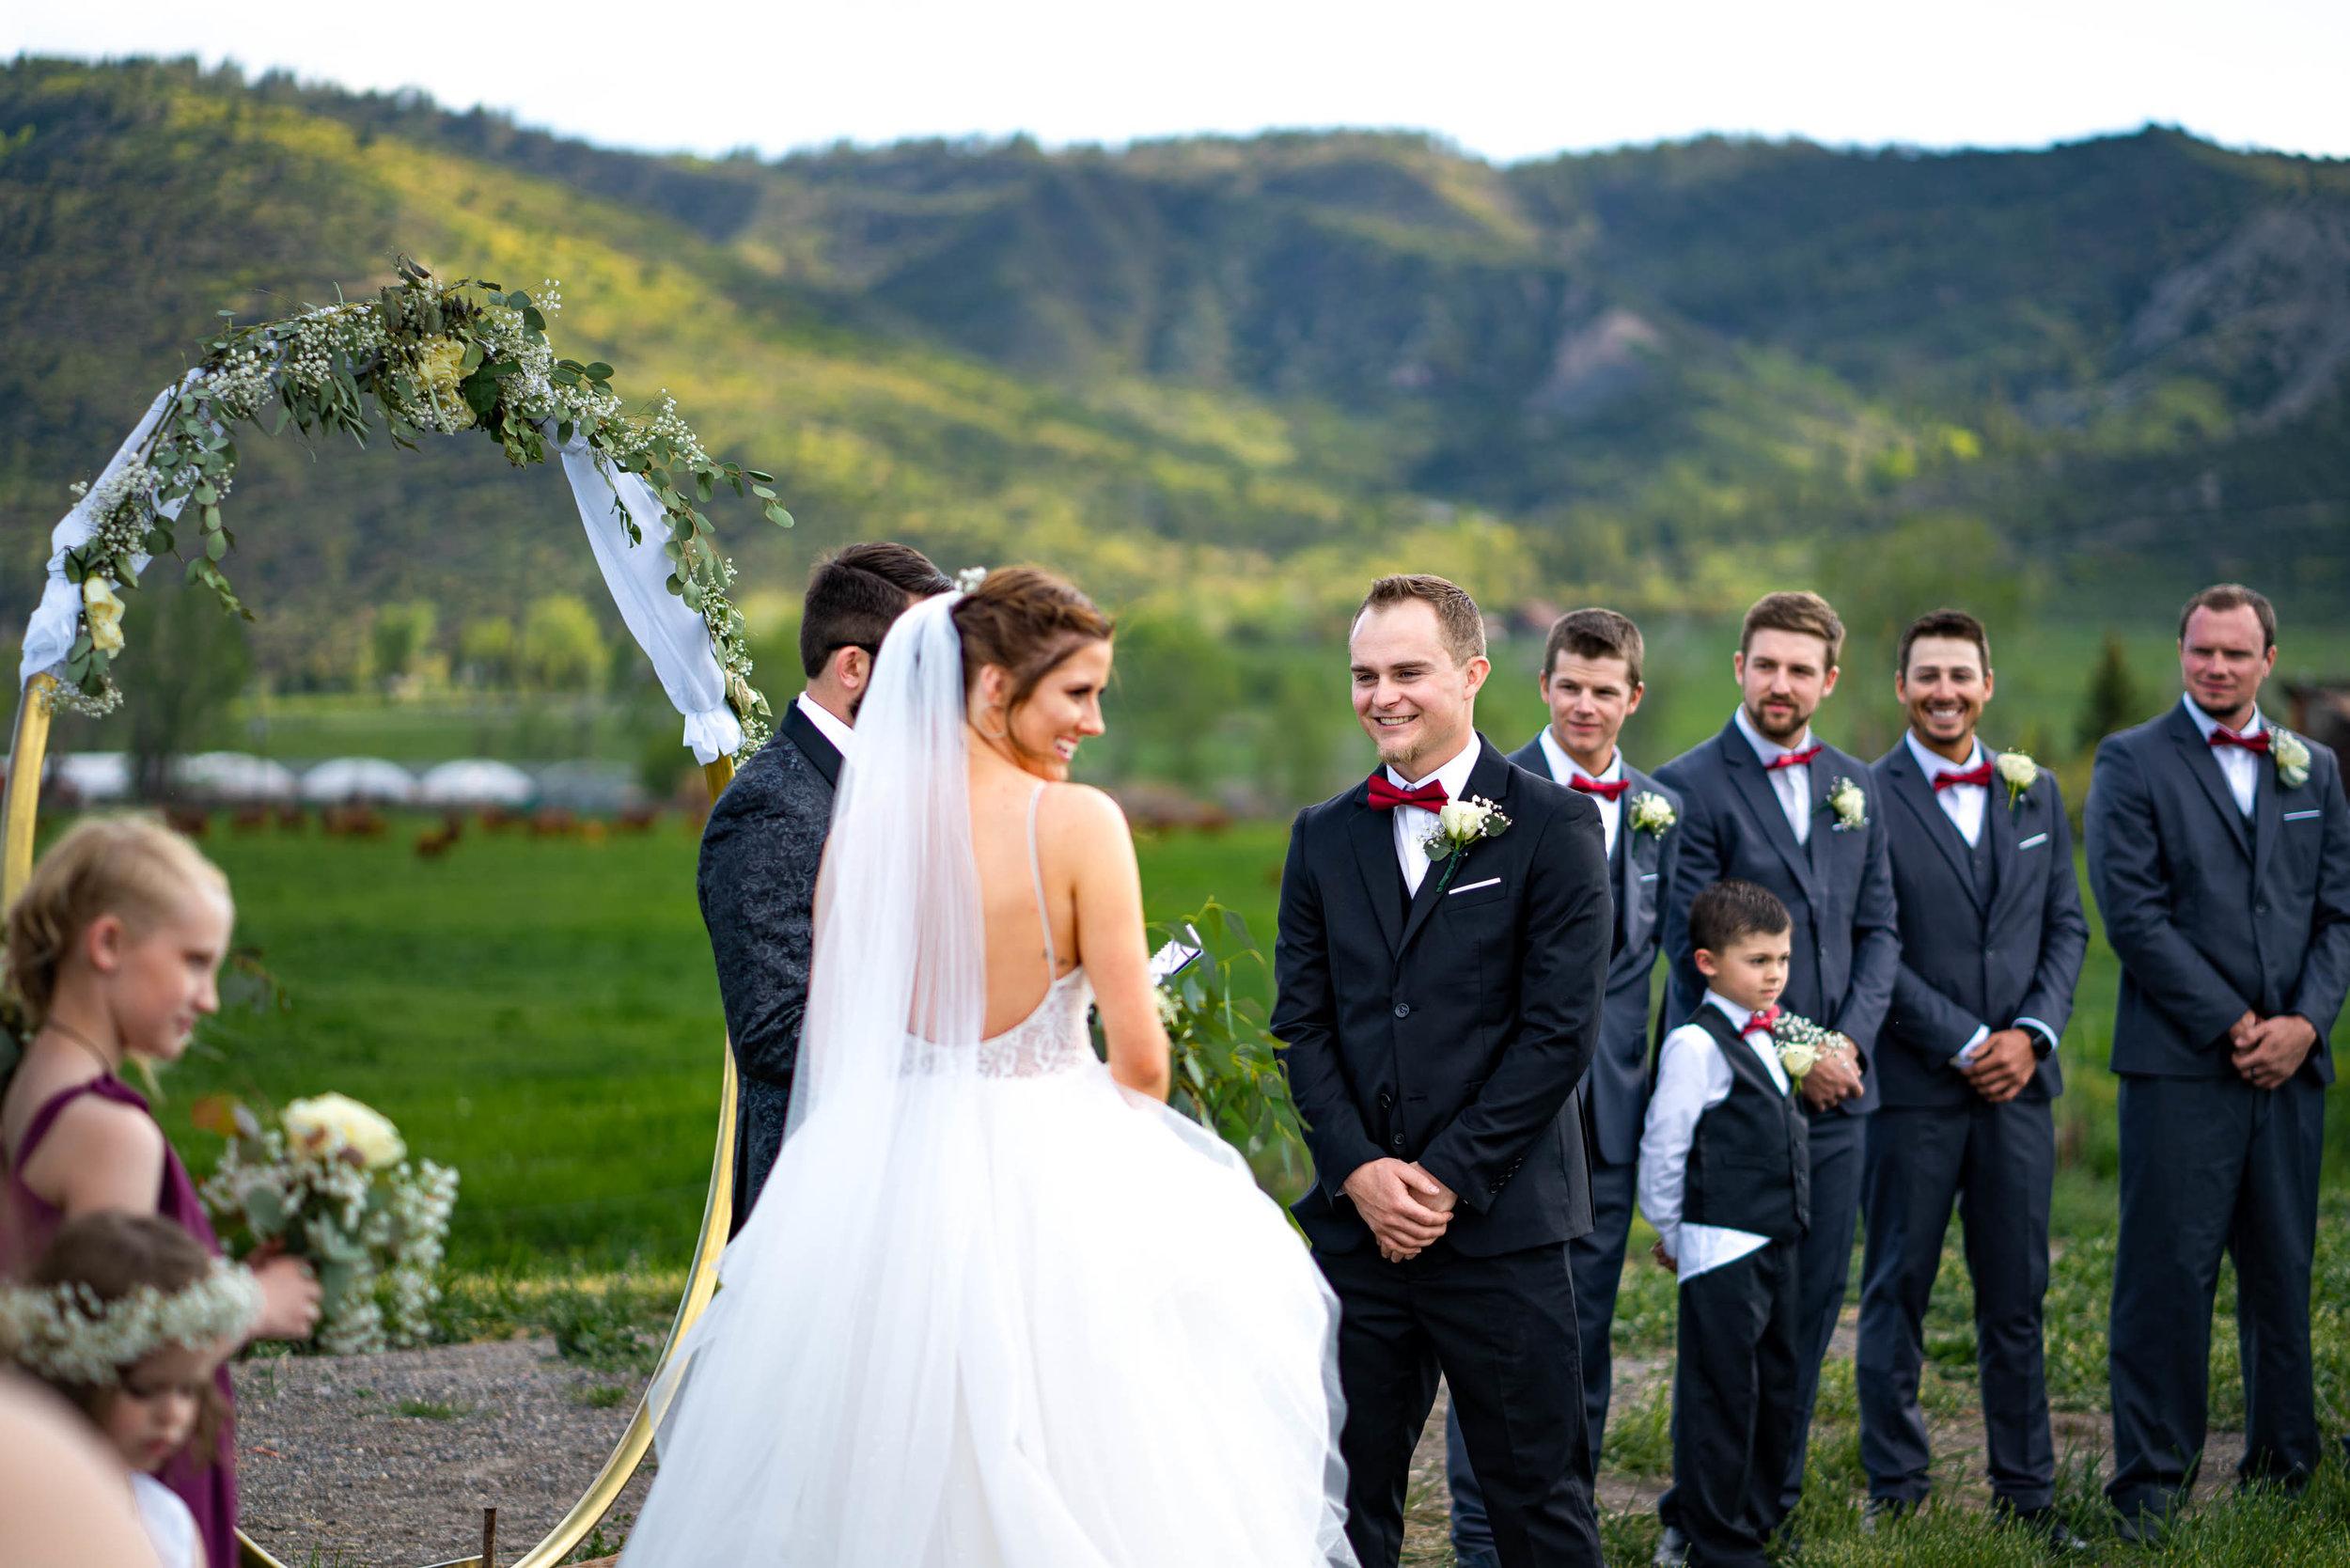 Kelsie_Nick_Ouray_Wedding-135.jpg